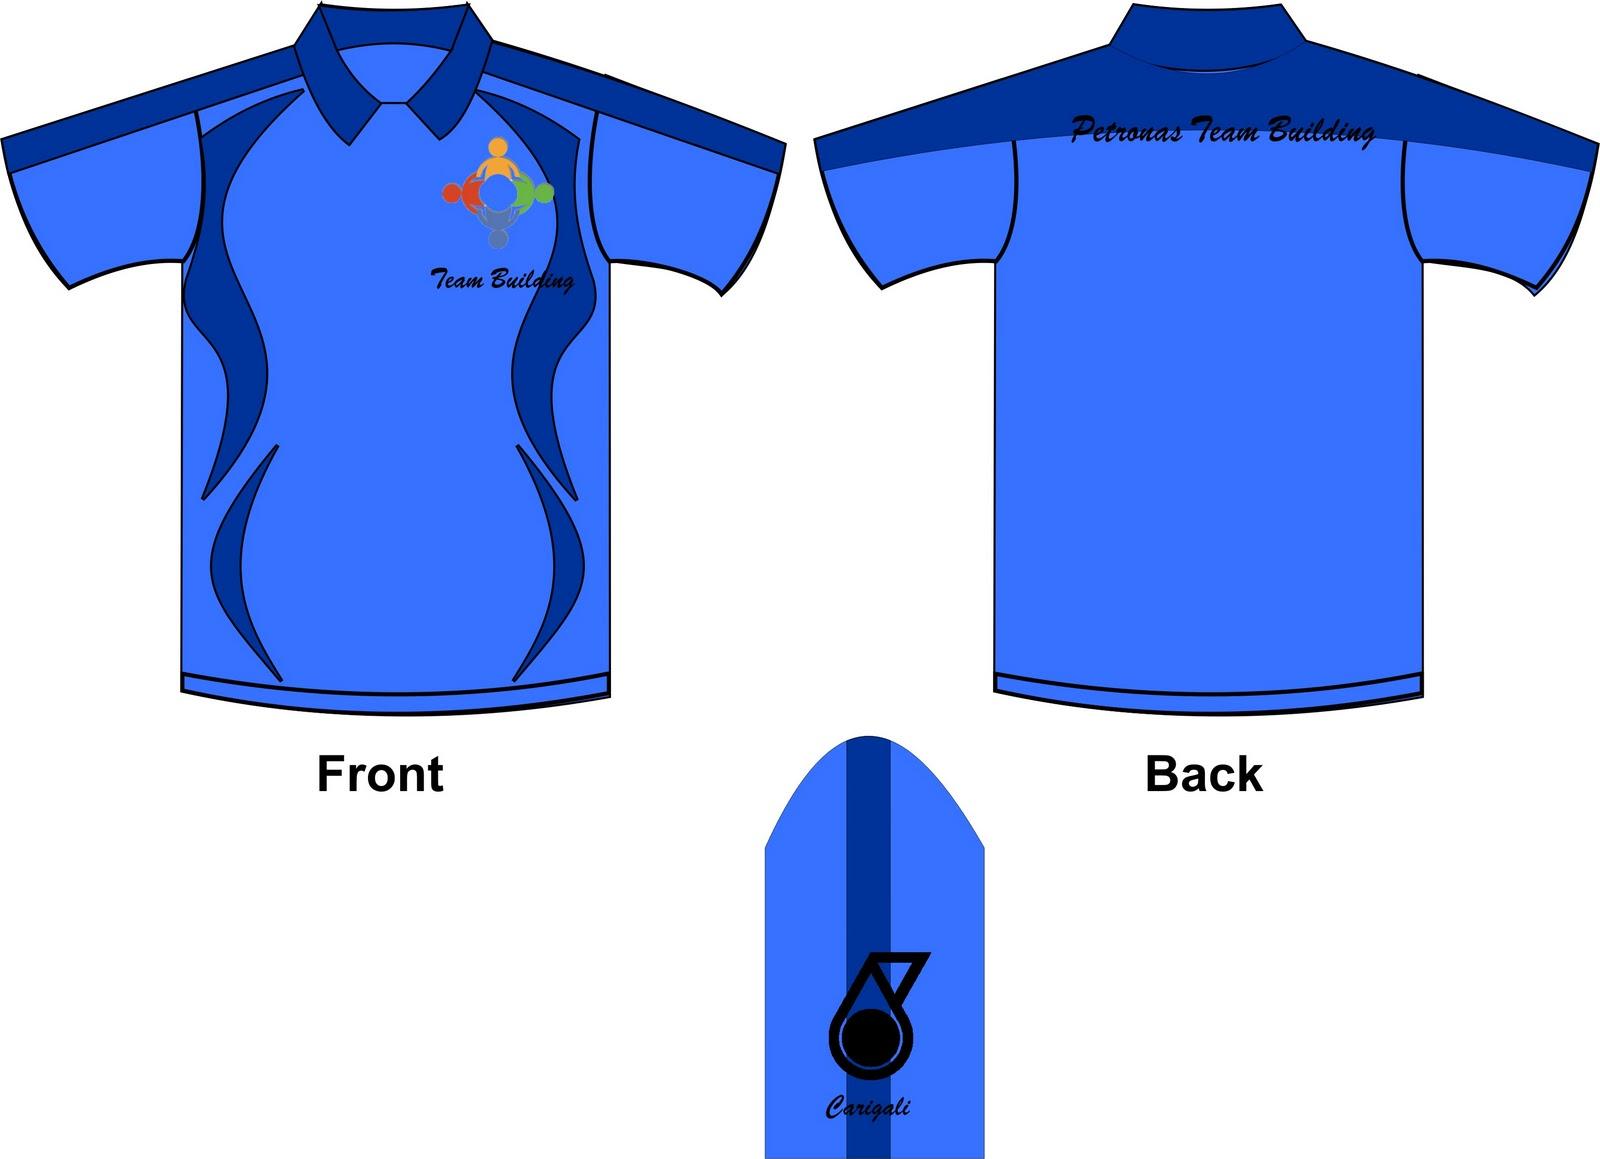 Contoh Design Printing t Shirt Contoh Design Baju T-shirt